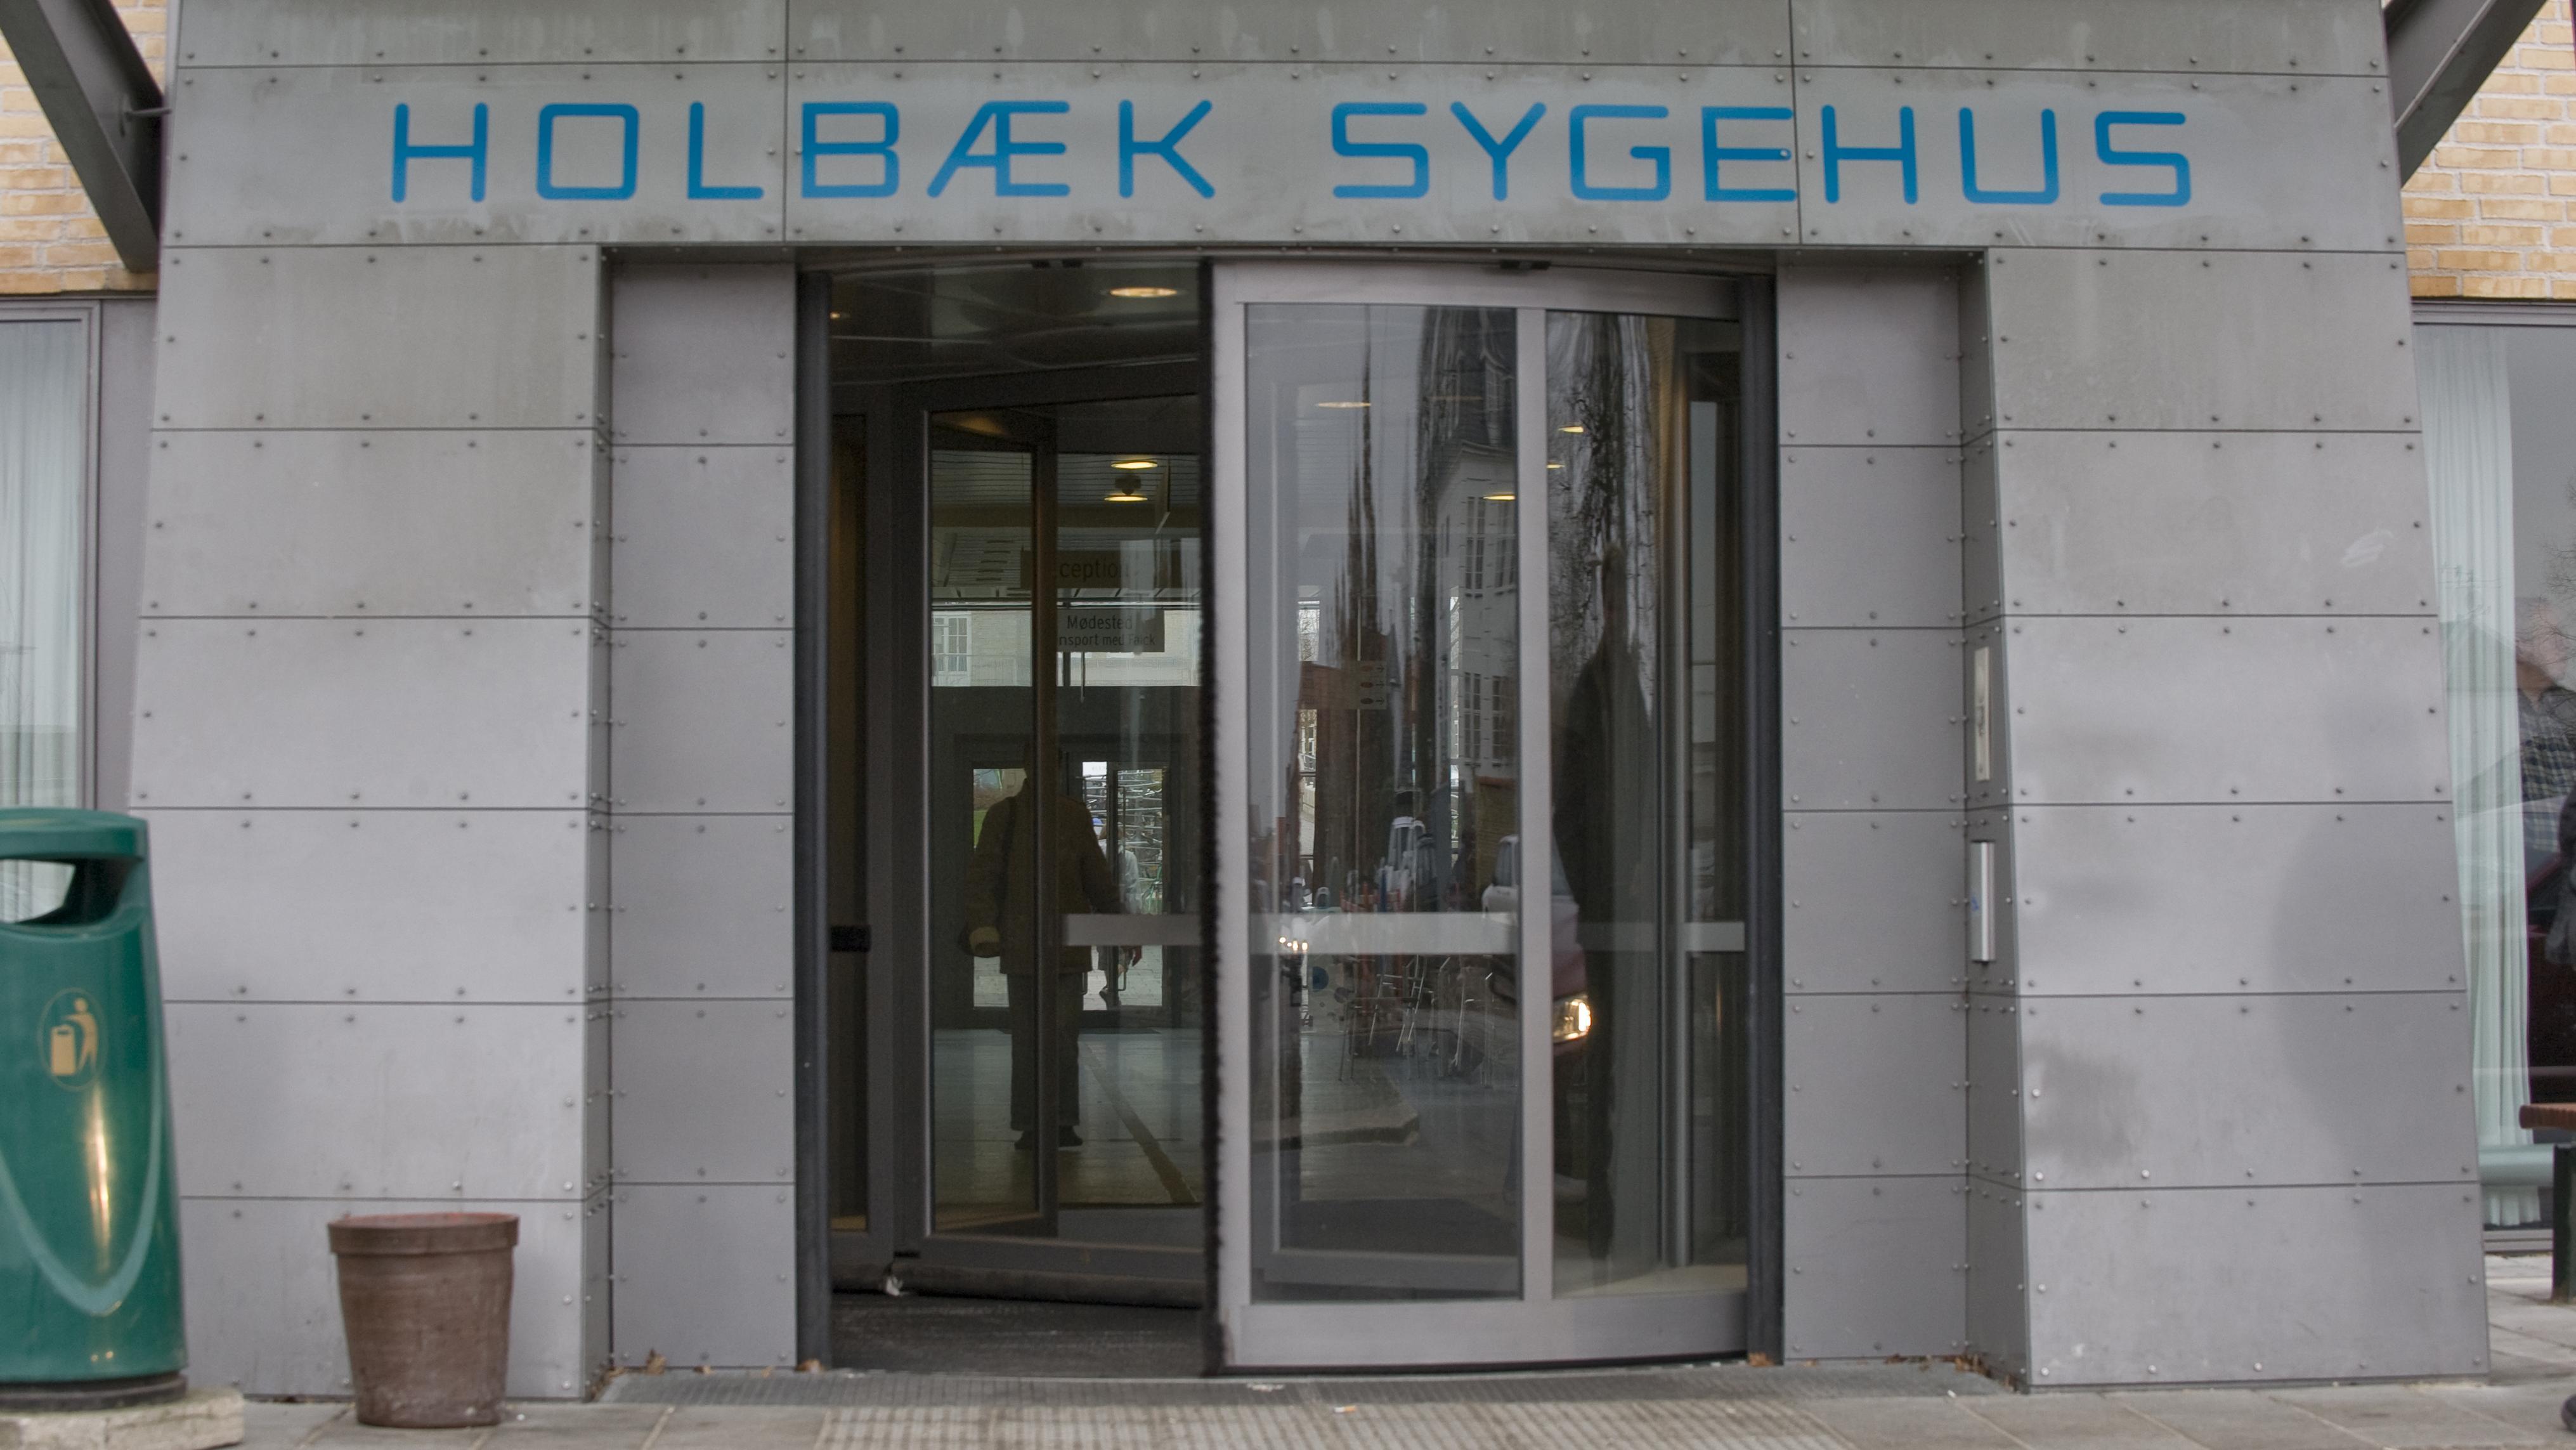 holbaek-sygehus-1.jpg